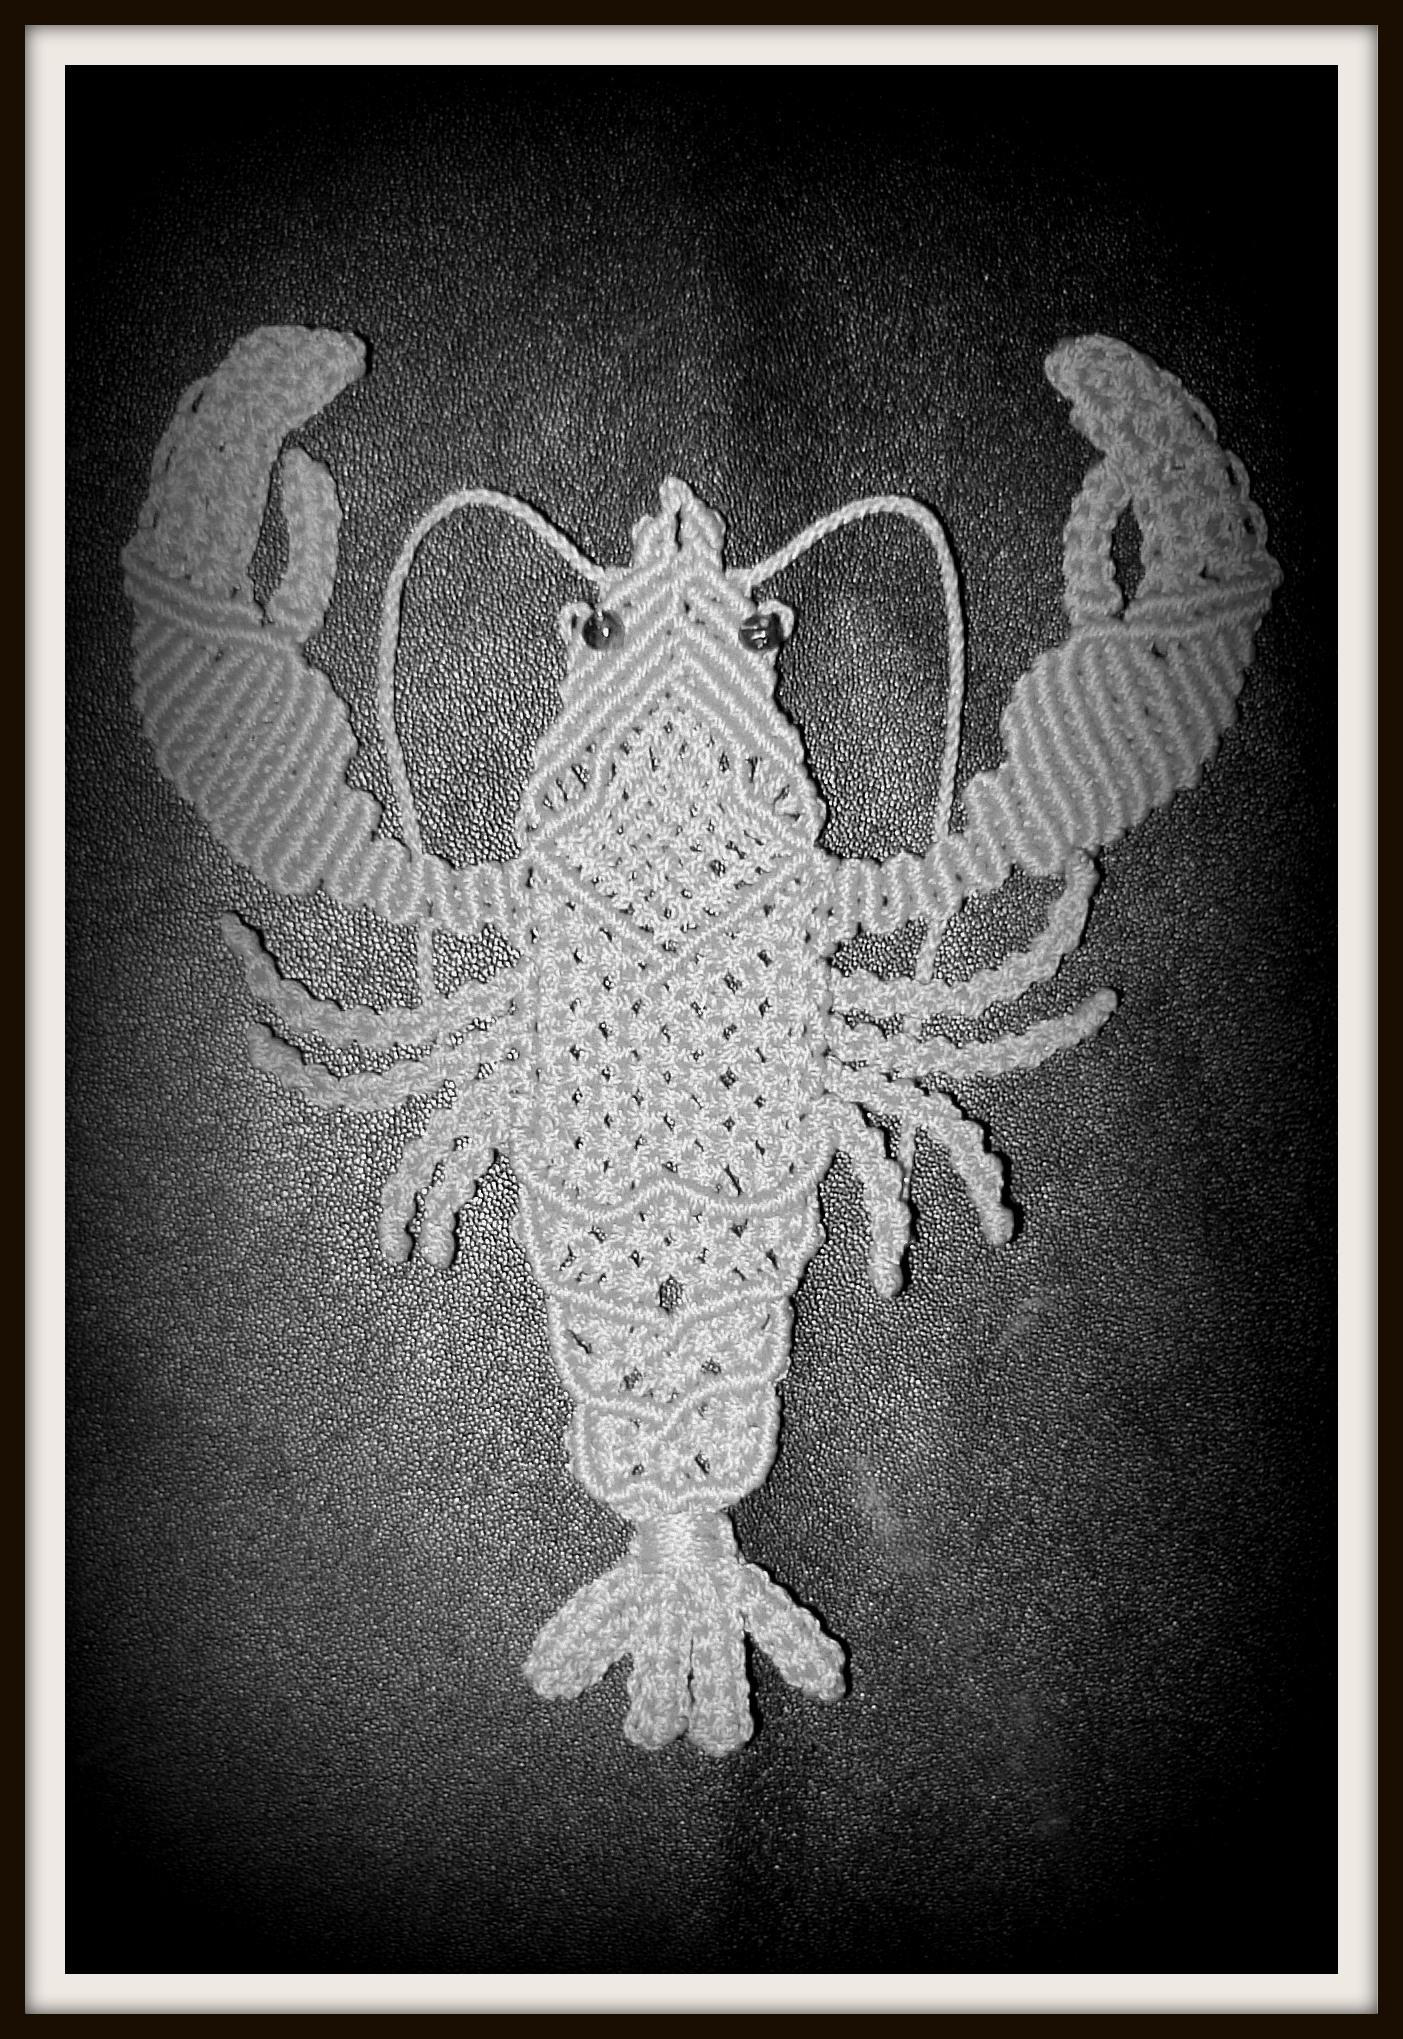 Эмблема - знак зодиака - РАК